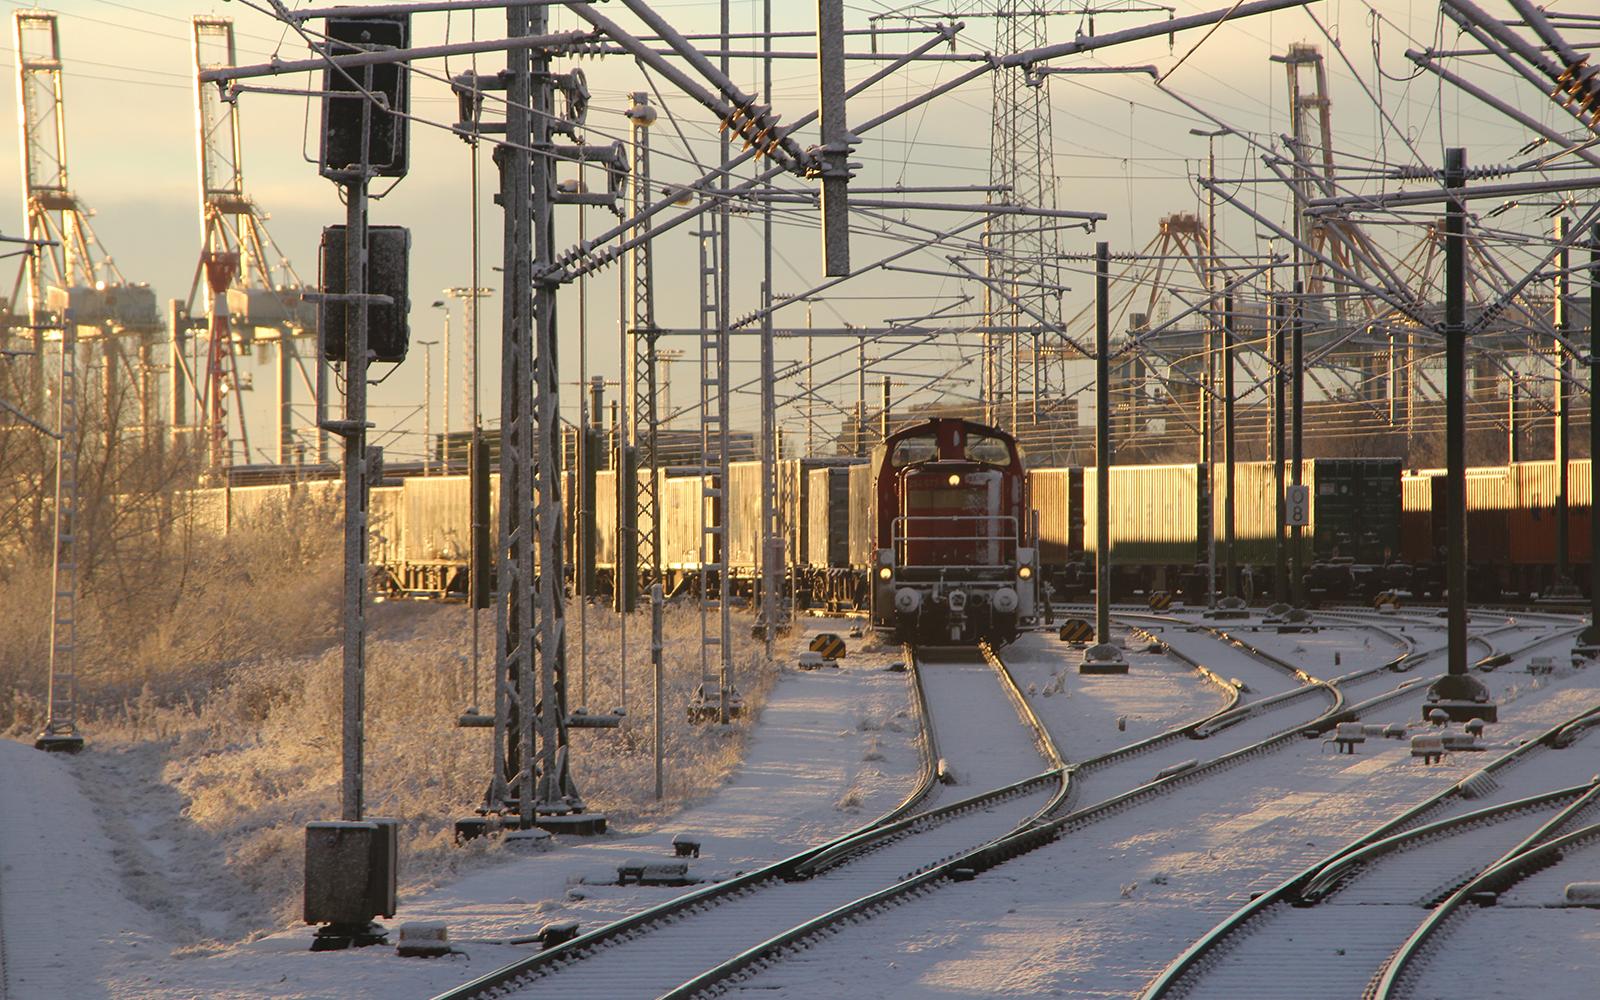 Foto: railmen-Lokführer Denis Herwig ist als Lokführer insbesondere für Güterverkehre überall in Deutschland unterwegs. Hier fotografierte er den Sonnenuntergang in Bremerhaven, Bahnhofsteil Weddewarder Tief, die BR 294 mit Containerzug im Januarschnee 2016.